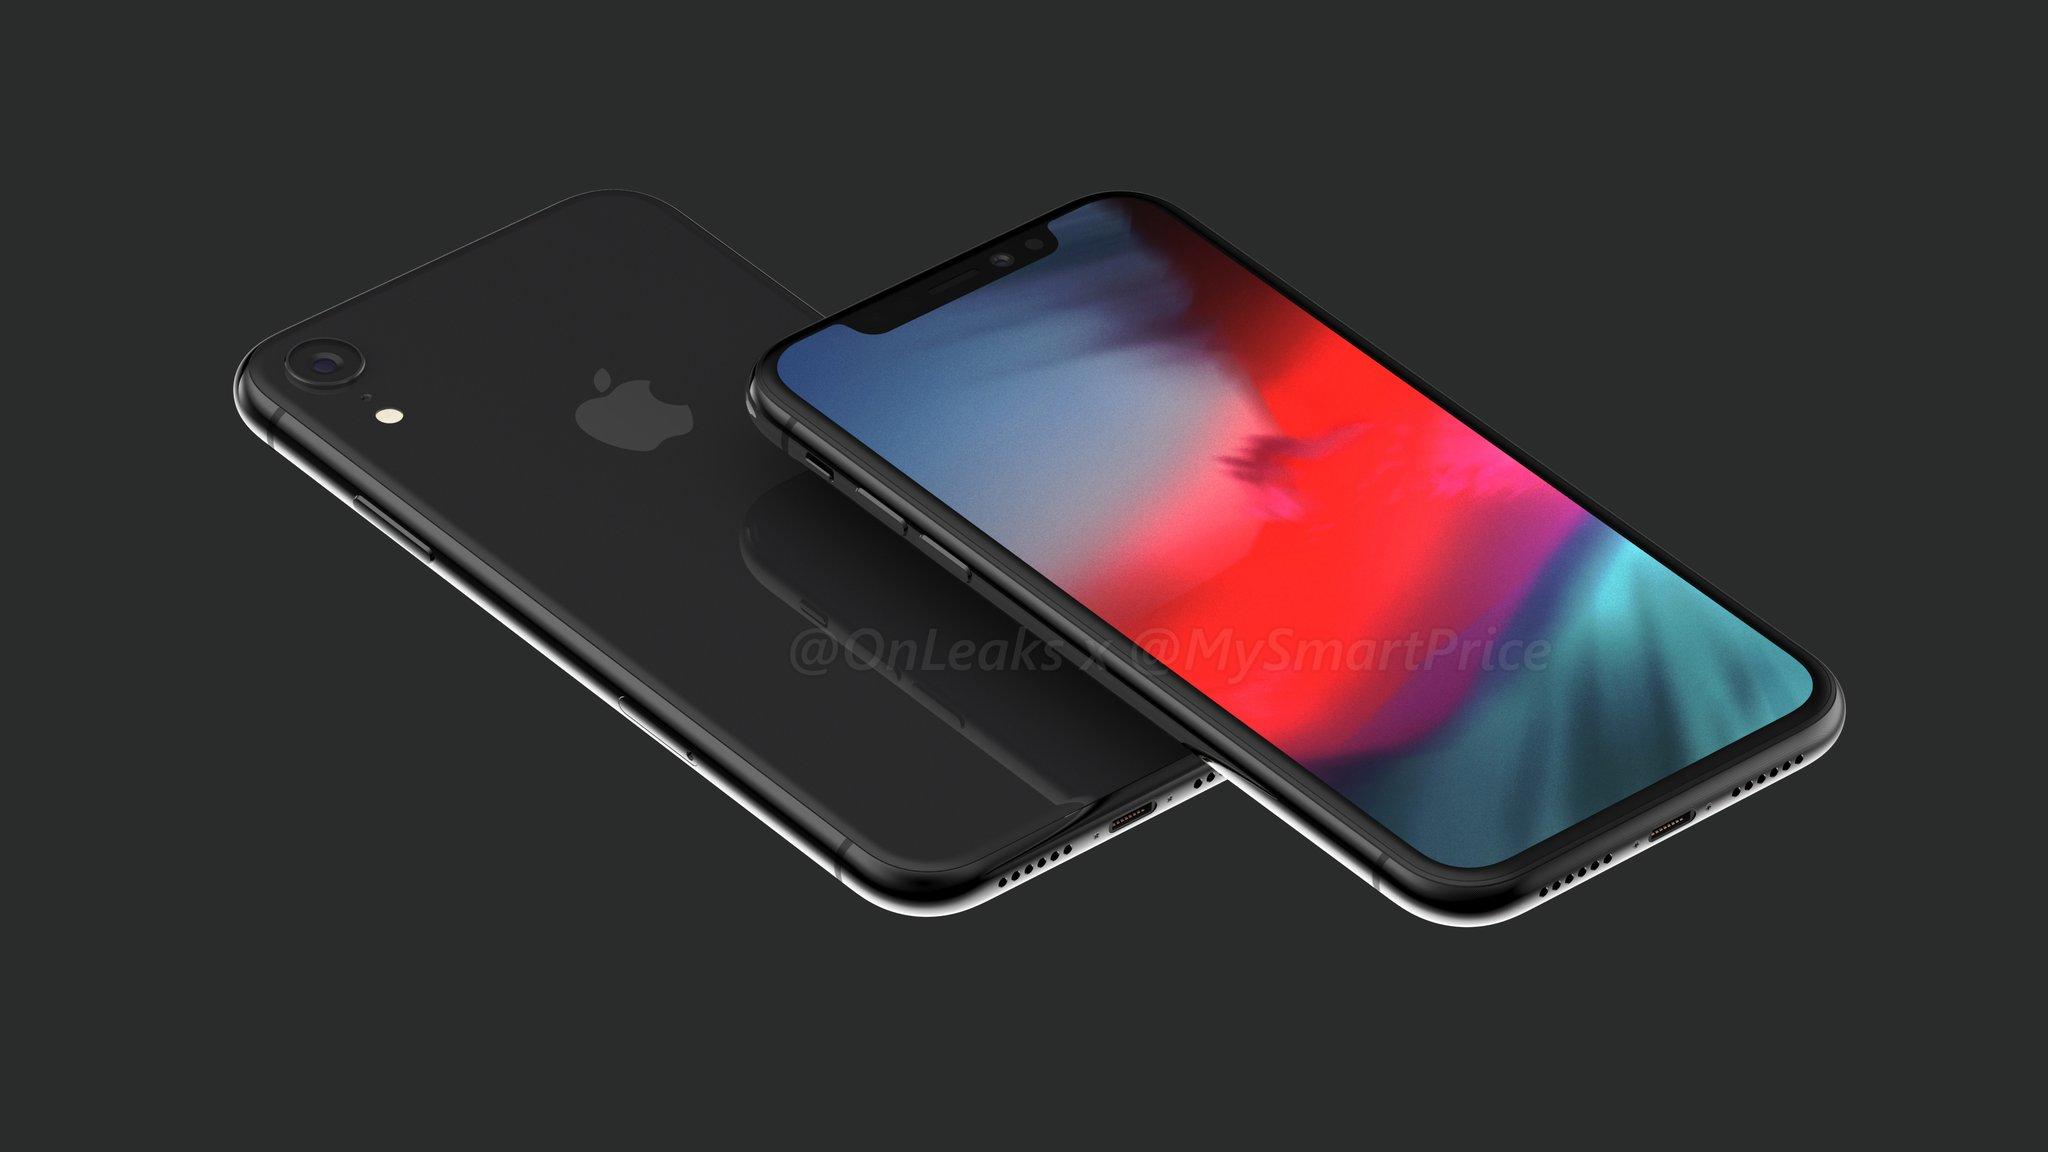 Imagen generada por ordenador del N84, el iPhone X de 6,1 pulgadas del año 2018